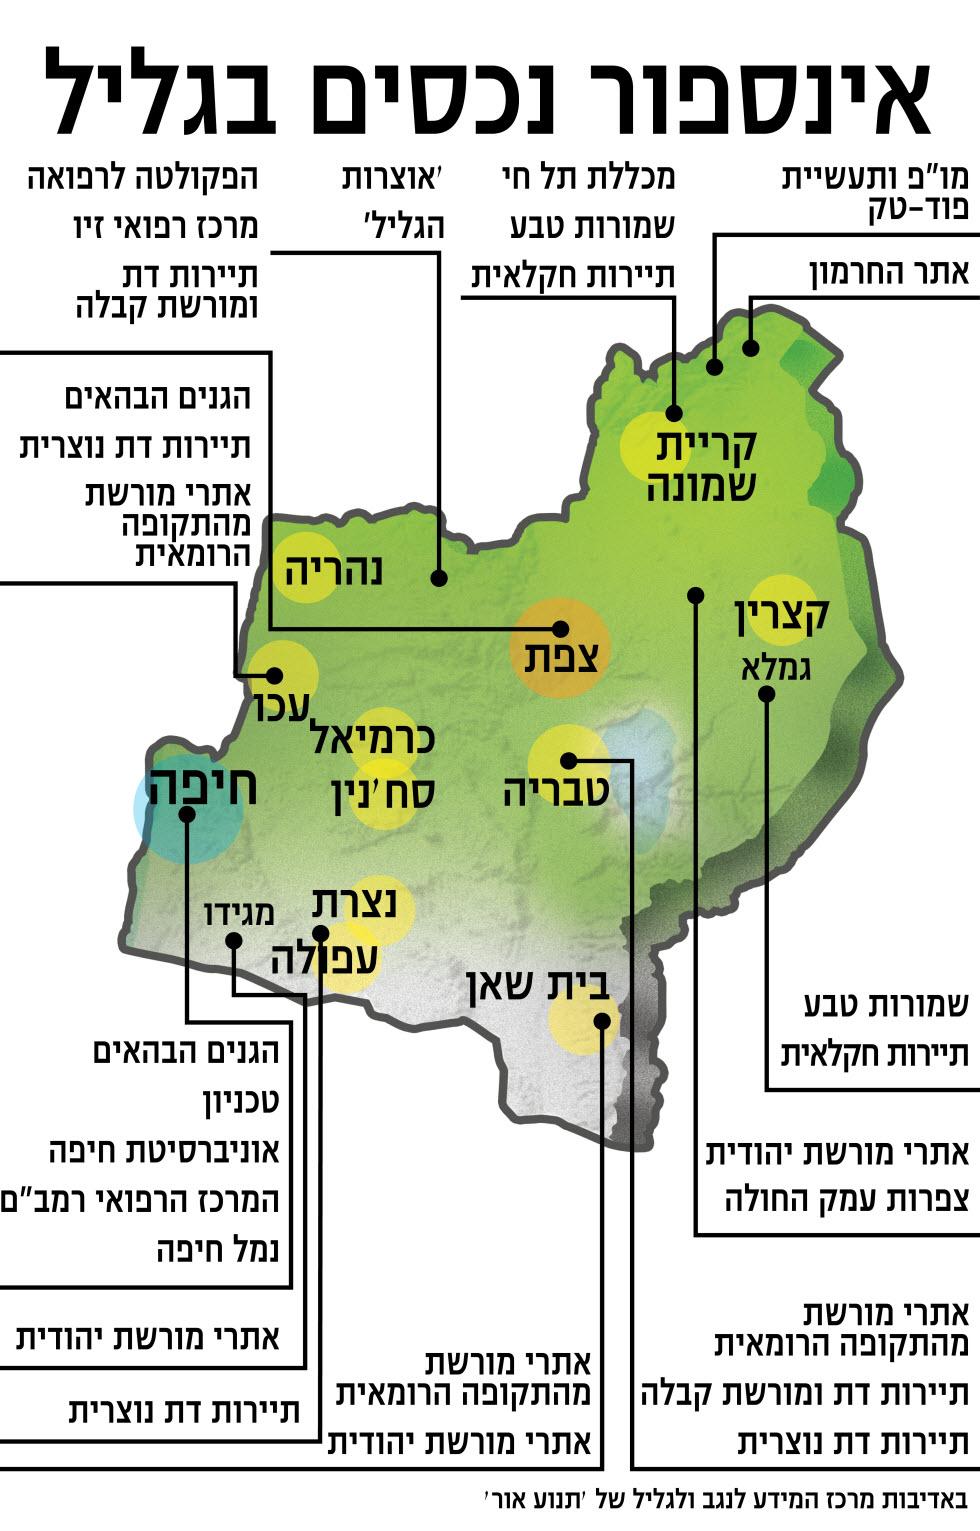 מפץ ההזדמנויות של הגליל (הנתונים באדיבות תנועת אור ומיזם  ישראל 2048 - עתיד משותף)